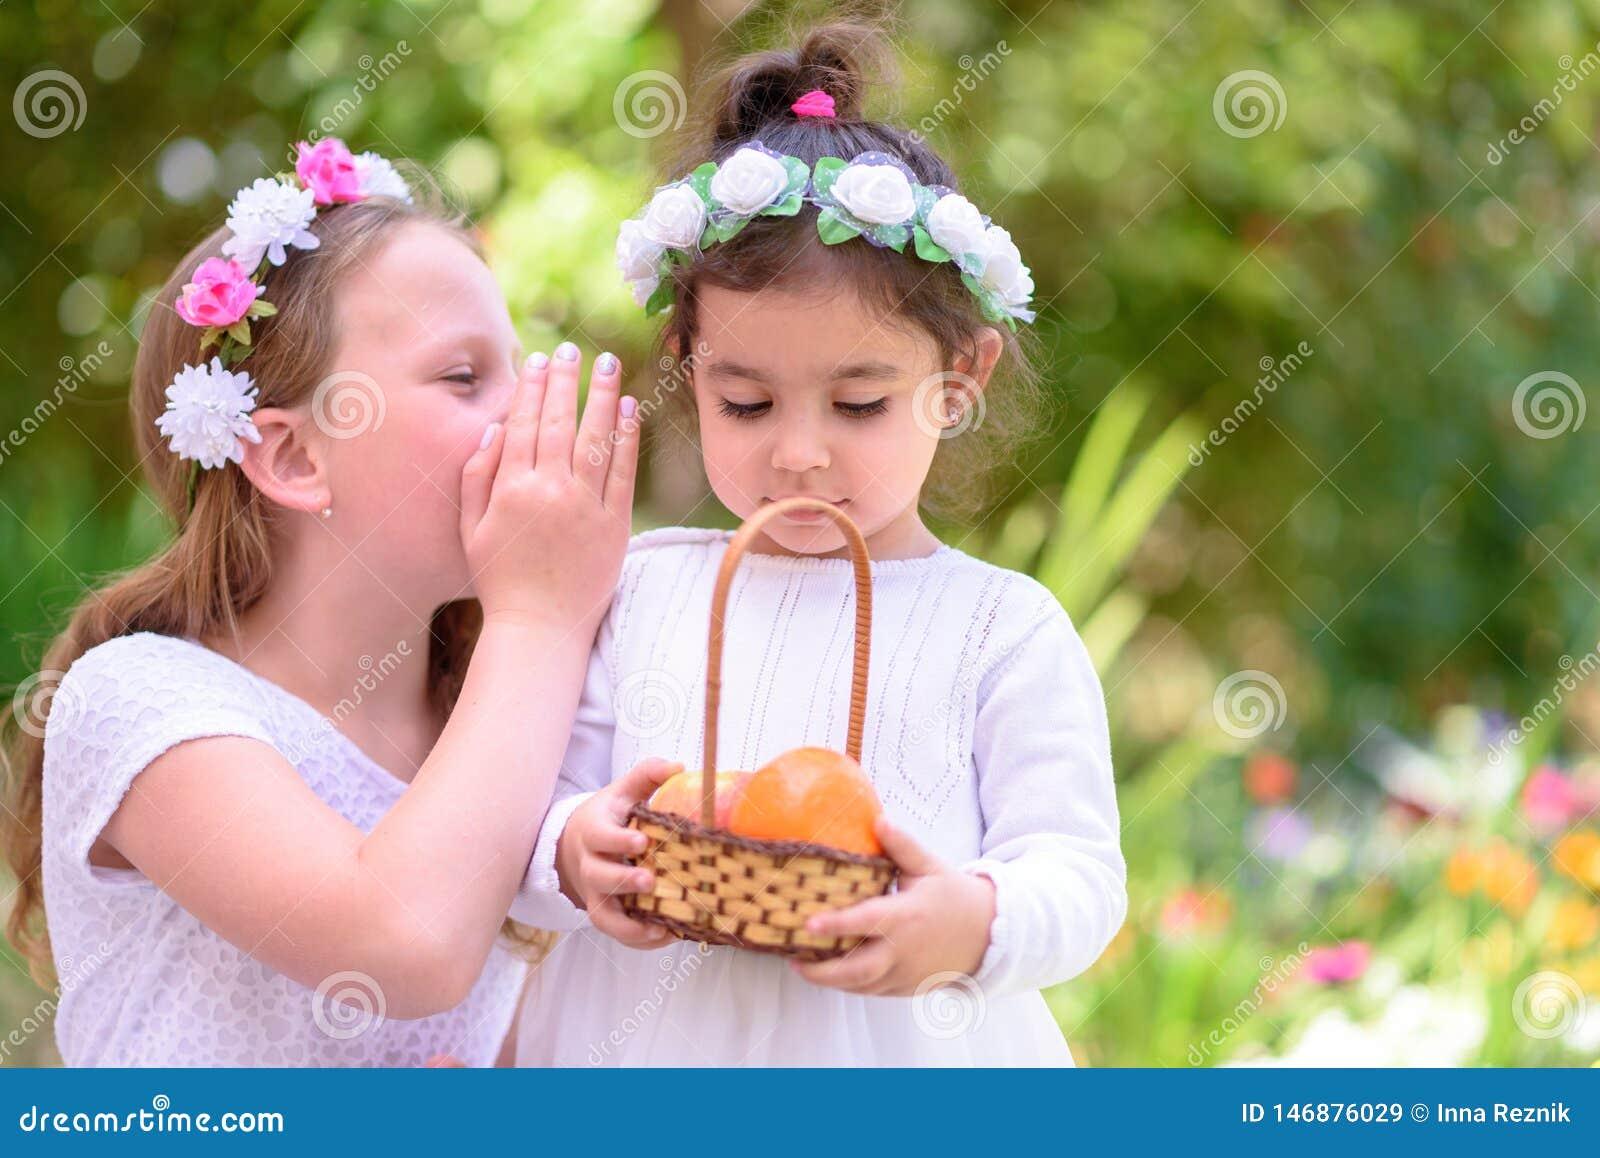 Zwei kleine Mädchen im weißen Kleid hält einen Korb mit frischer Frucht in einem Sommergarten